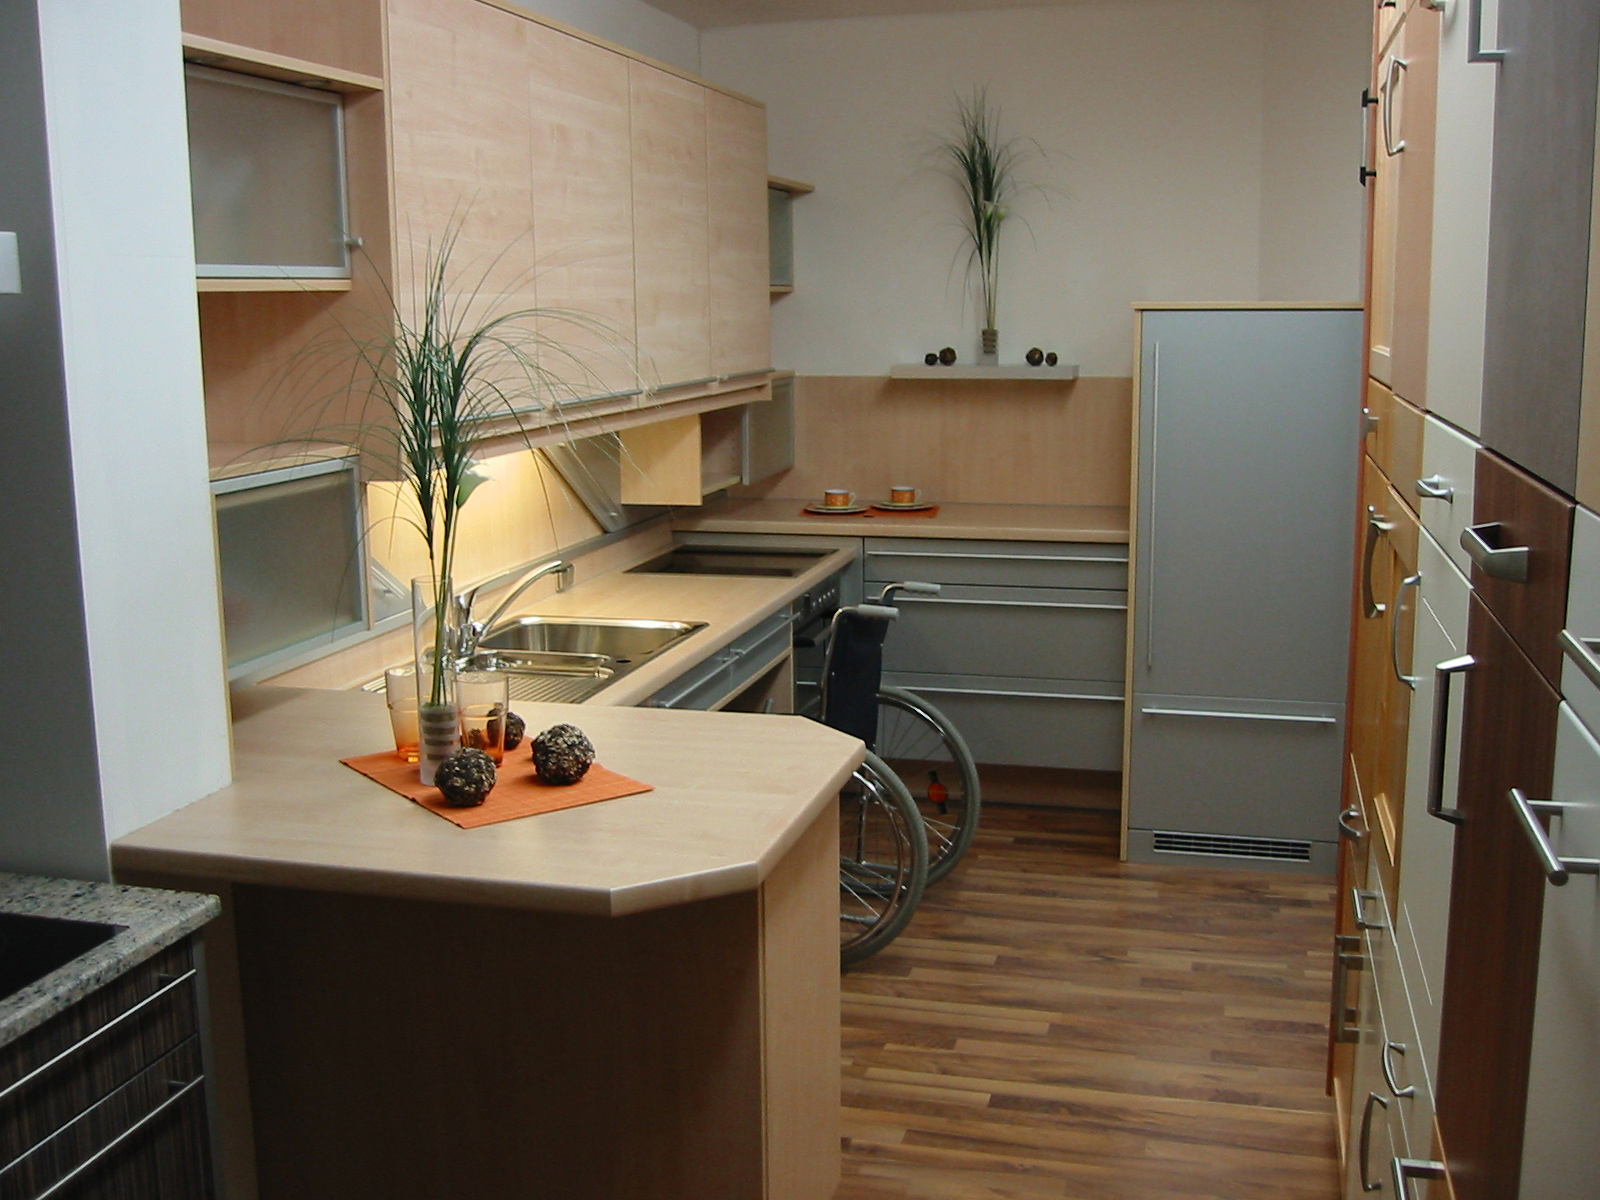 kchen beispiele awesome kche mit essbereich with kchen beispiele modern kche modern mit. Black Bedroom Furniture Sets. Home Design Ideas